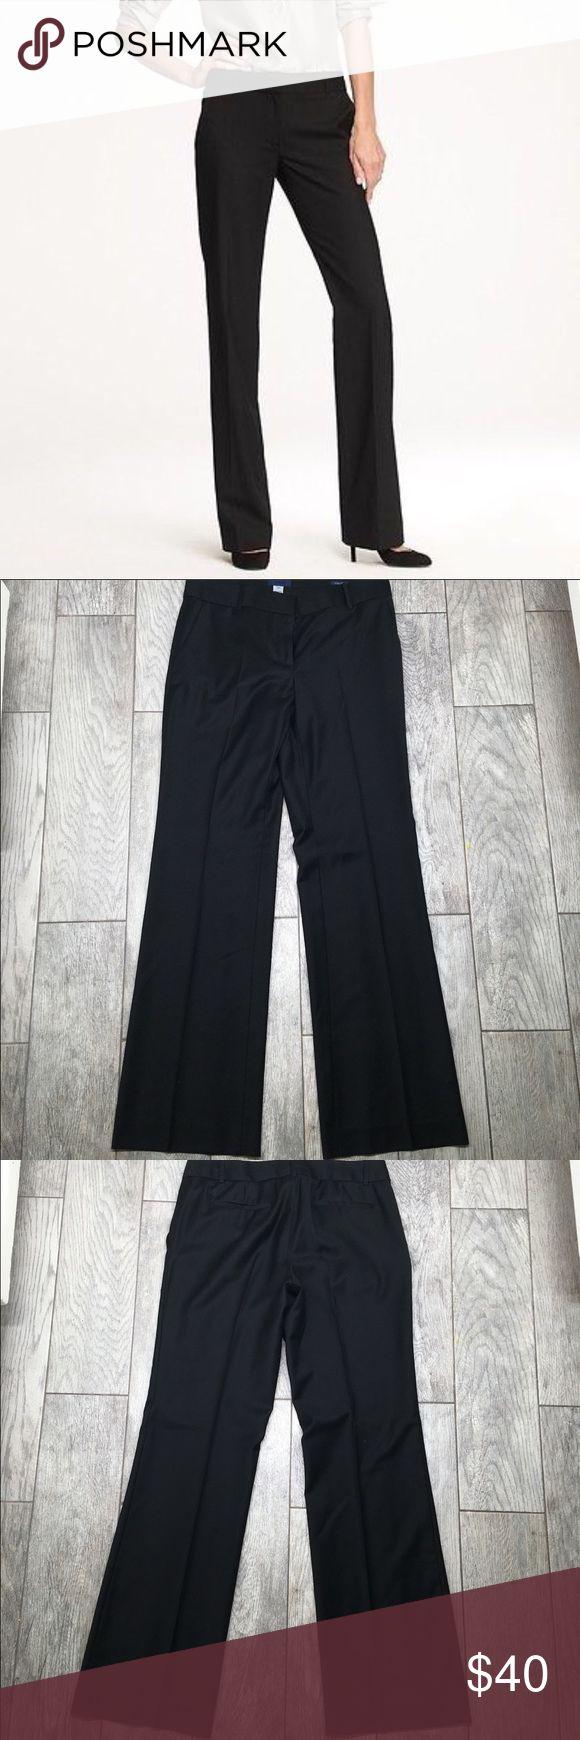 """J. Crew city fit super 120's black slacks pants 6 J. Crew city fit super 120's black slacks pants. Perfect slacks for work. EUC- no flaws. Size 6. 32"""" inseam, 16"""" waist, 9"""" front rise, 15"""" back rise J. Crew Pants Trousers"""